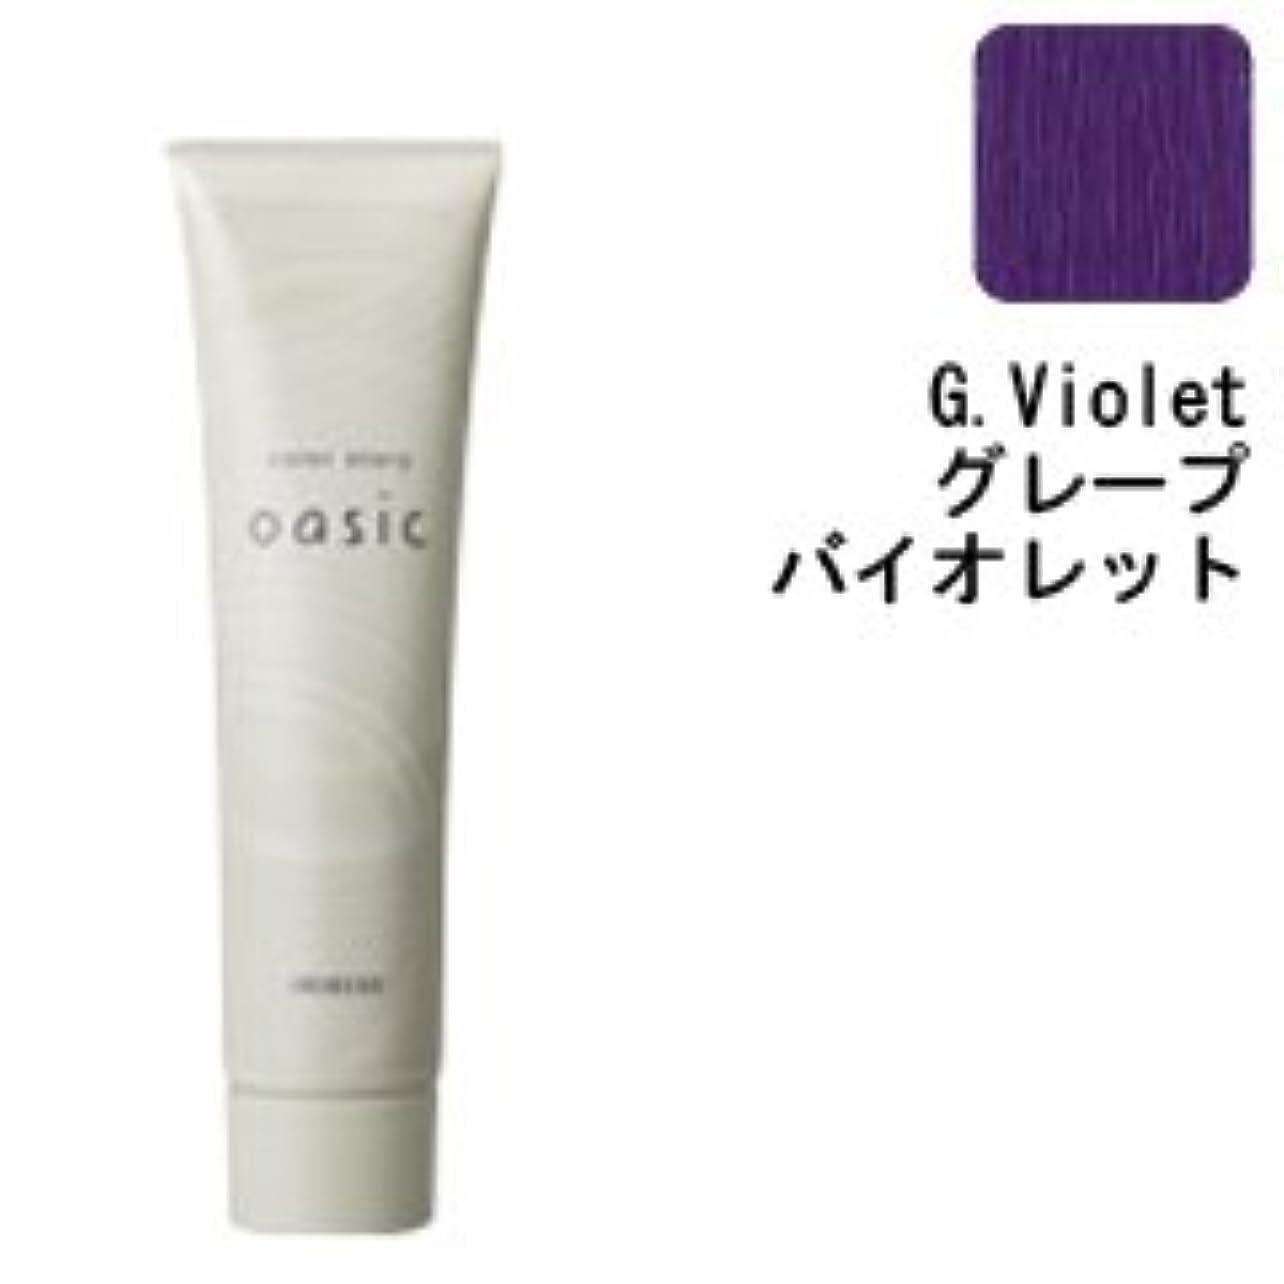 ソブリケット主人燃やす【アリミノ】カラーストーリー オアシック G.Violet (グレープバイオレット) 150g